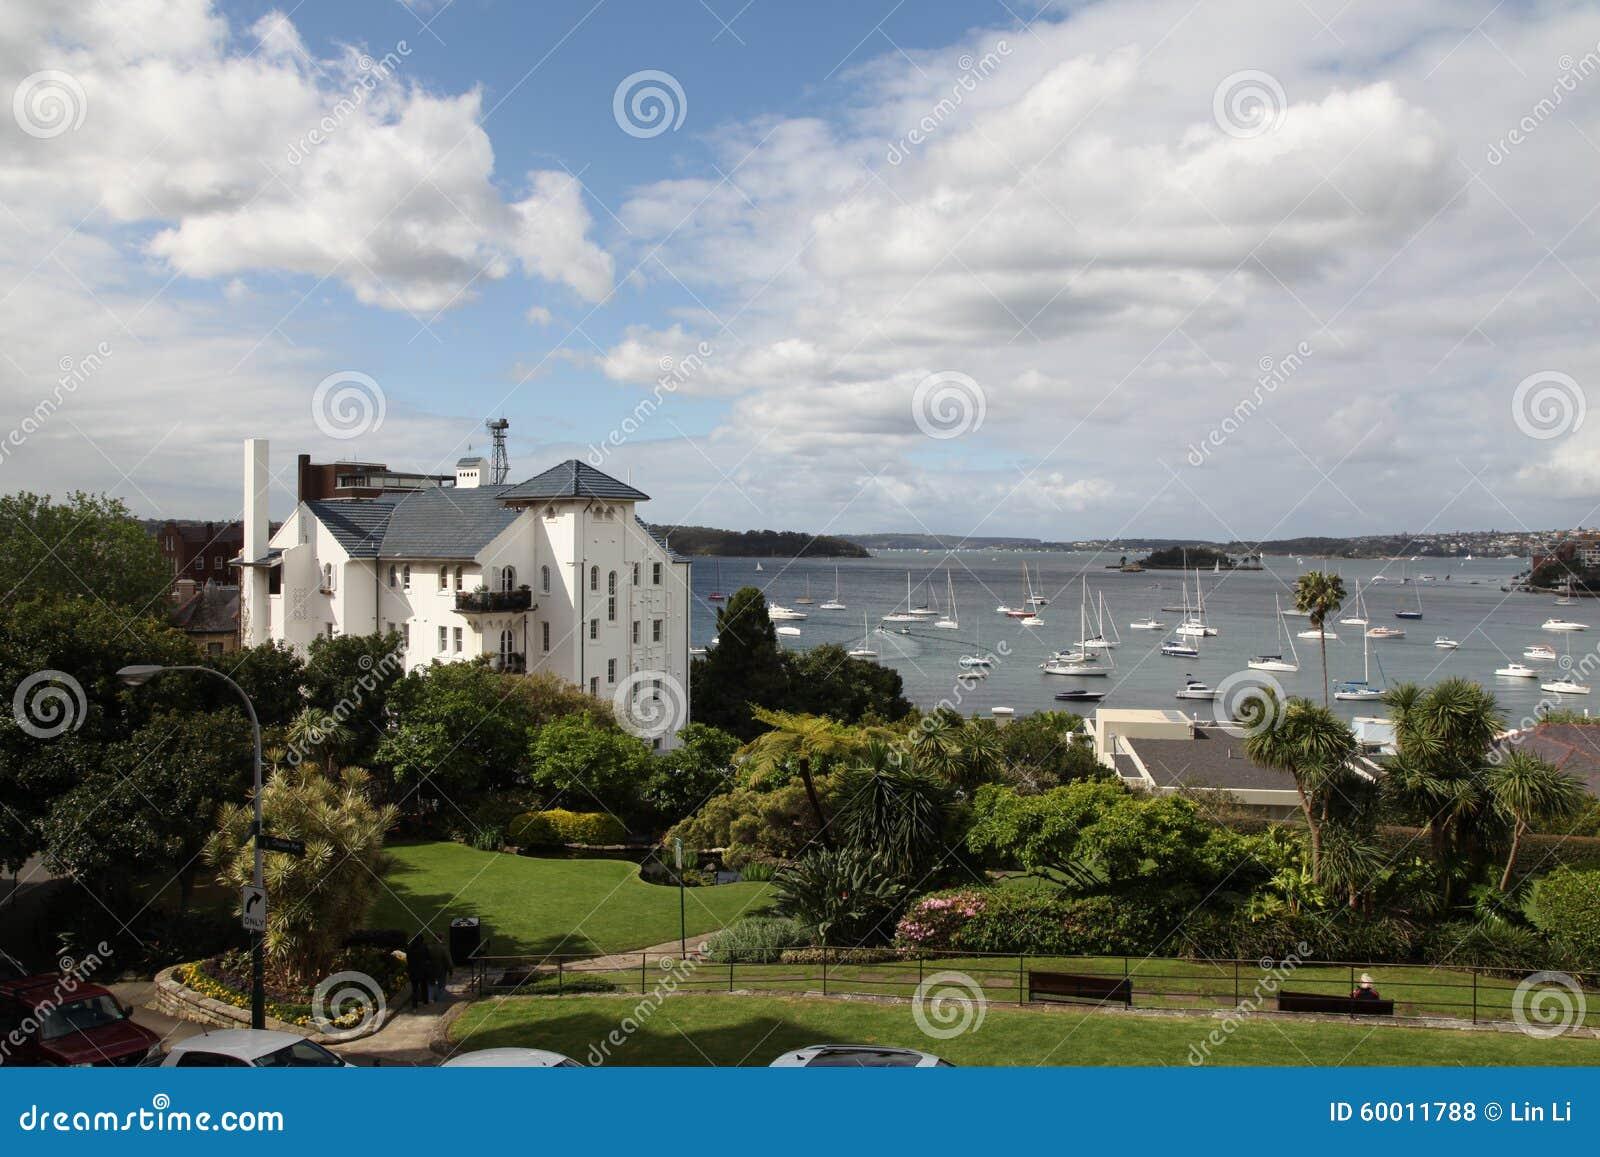 Elizabeth Bay - View from Elizabeth Bay House